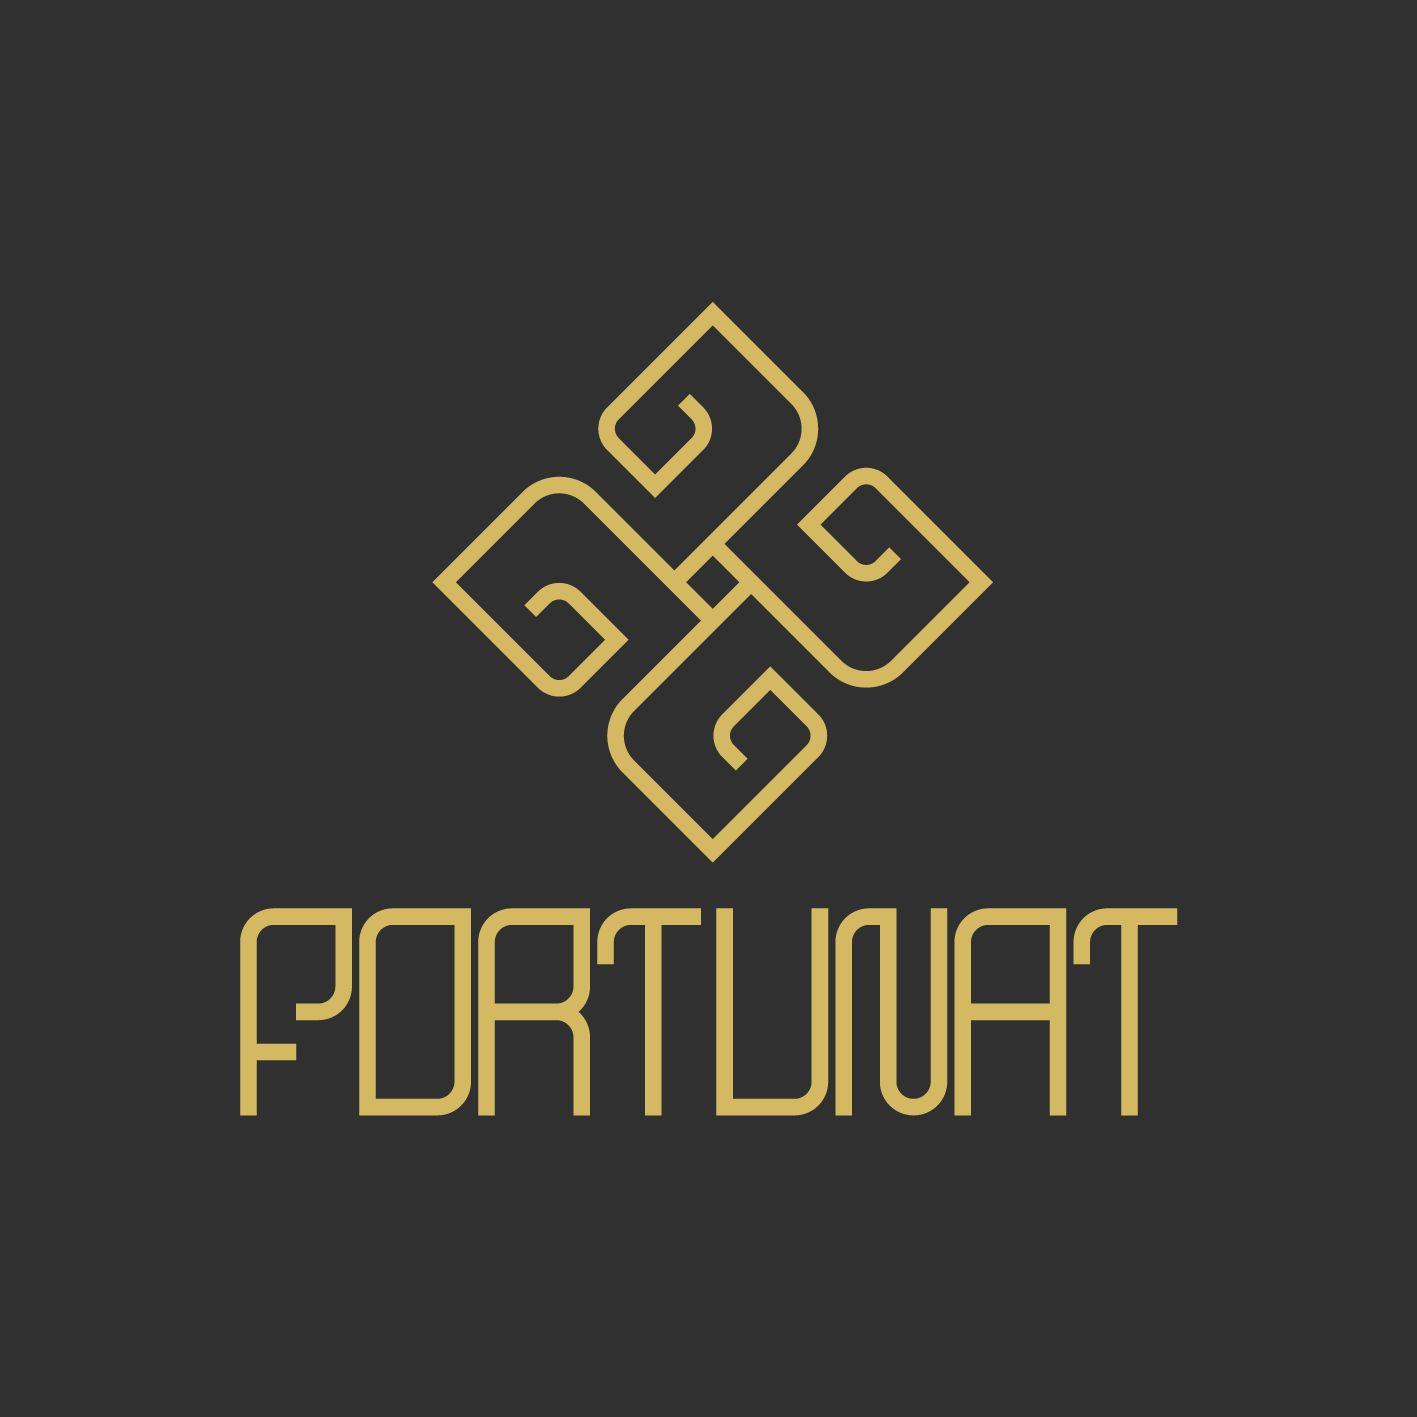 Логотип для Fortunat - дизайнер Simantev